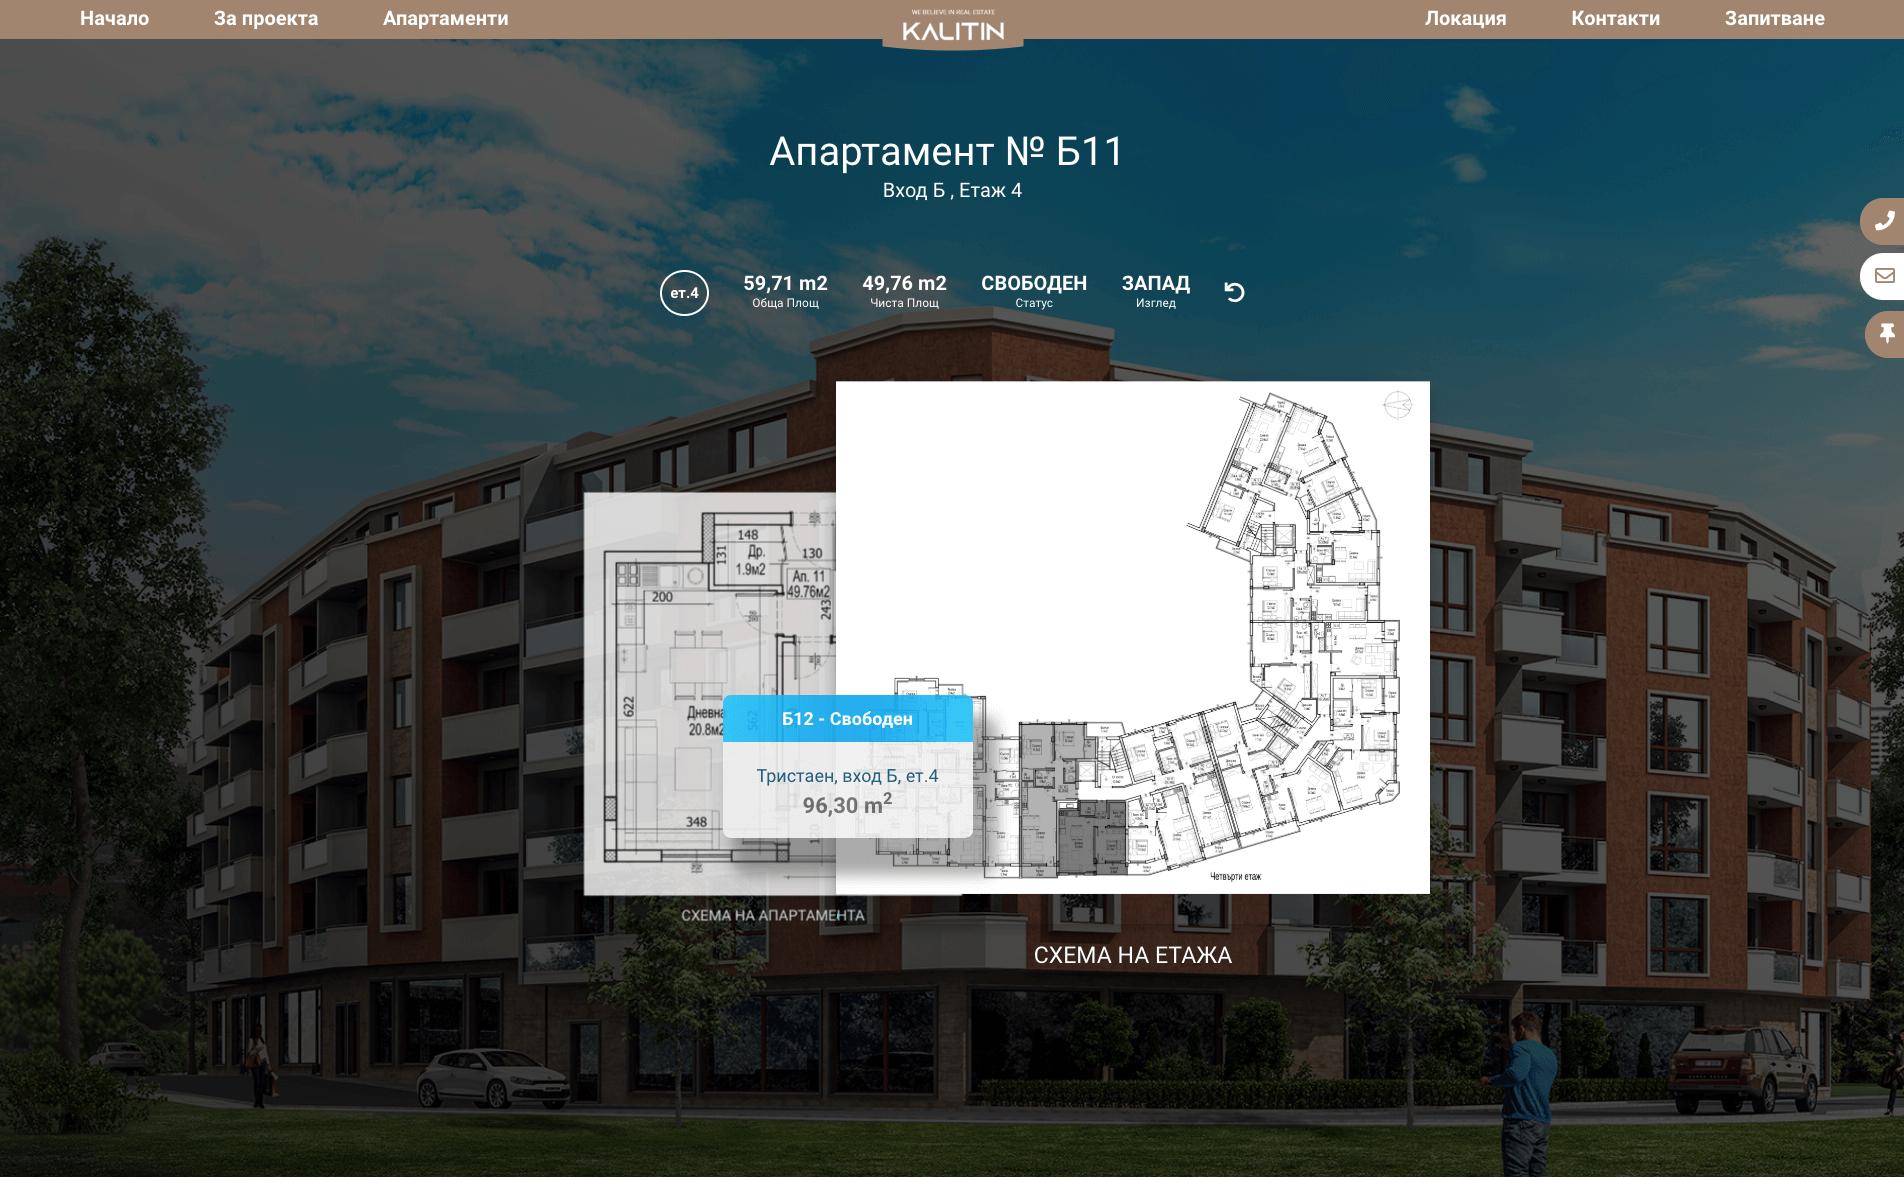 Уеб сайт за сграда - страница спартамент - снимка на етажа